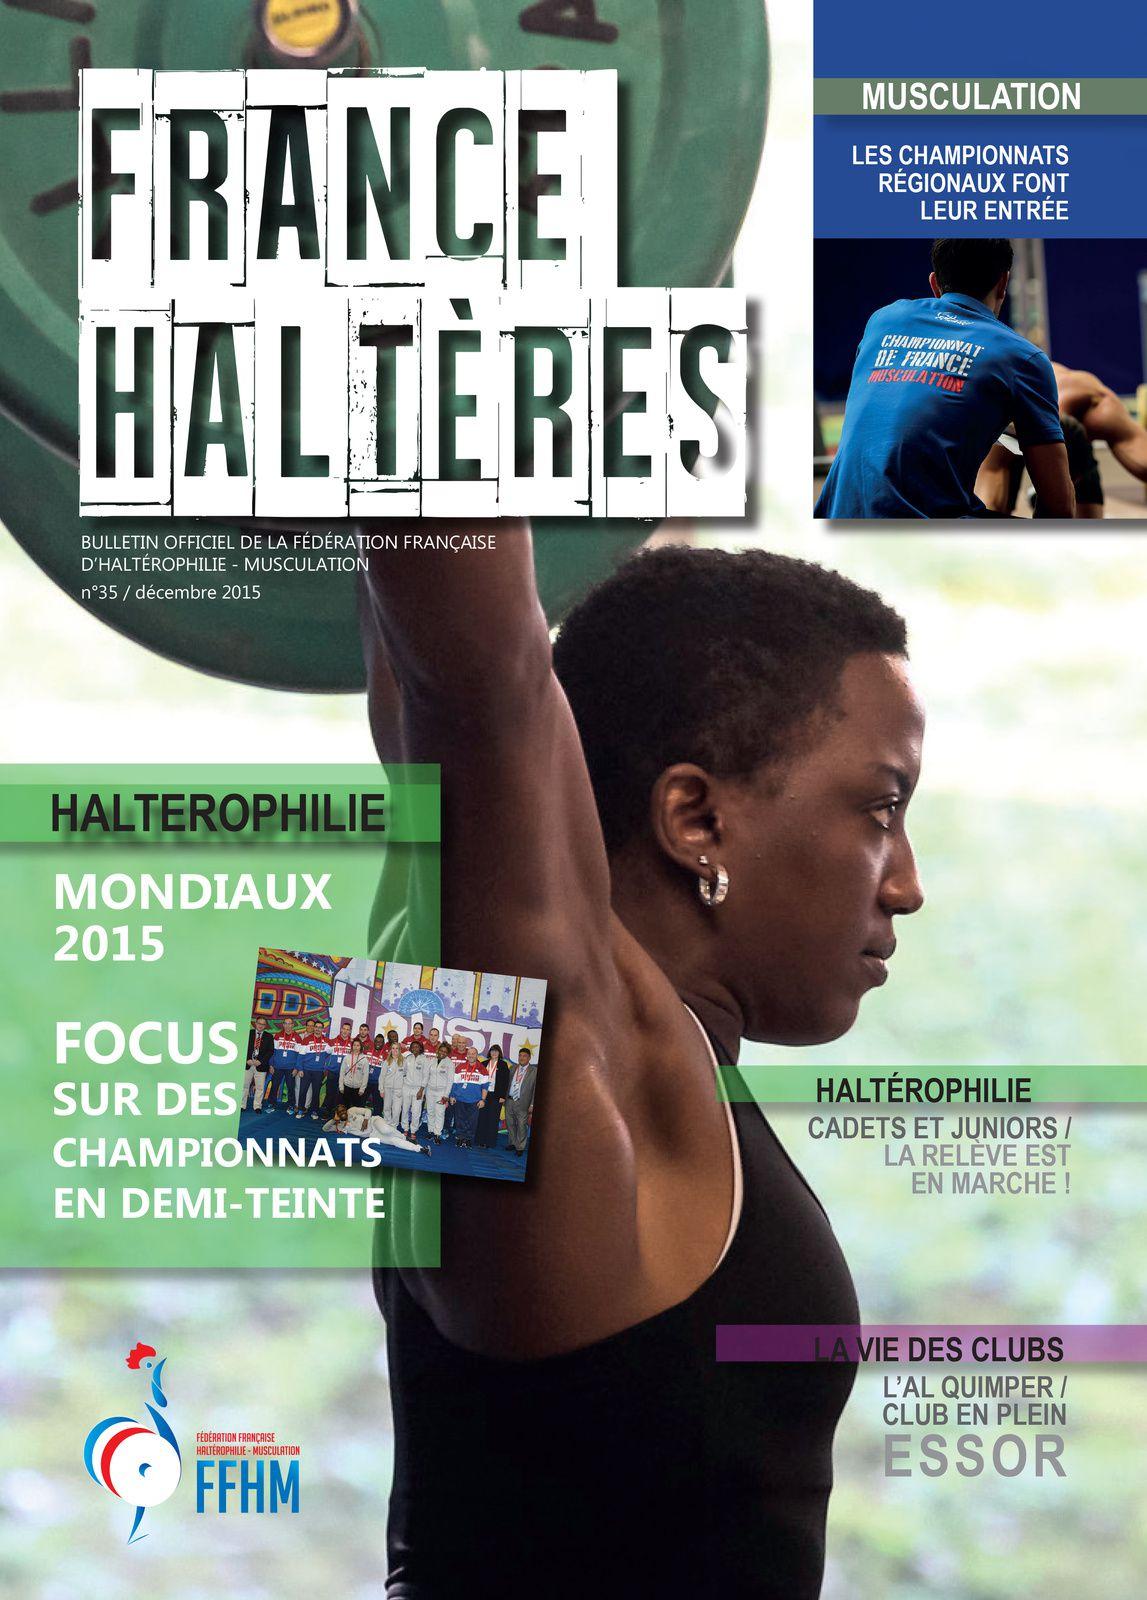 INDIBA activ joue les gros bras dans le magazine &quot&#x3B;France Haltères&quot&#x3B;